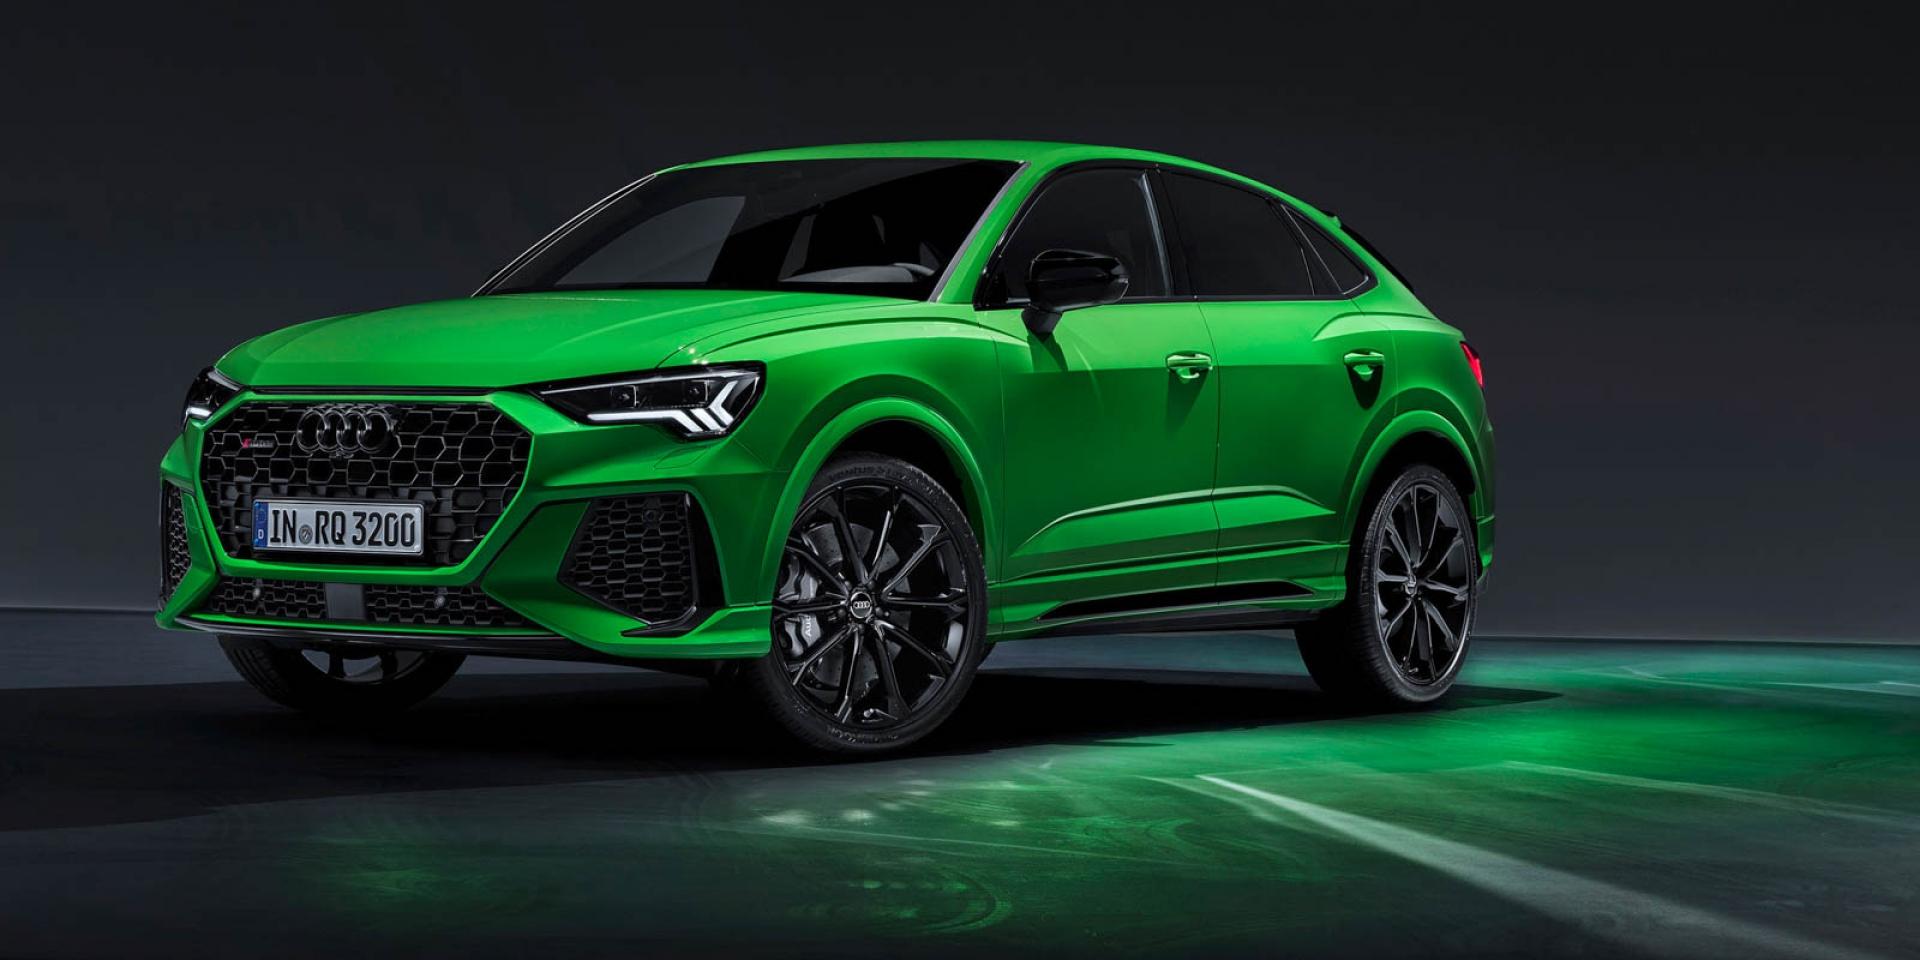 官方新聞稿。四環性能軍團強襲登台 Audi RS / S性能車款開始接單銷售